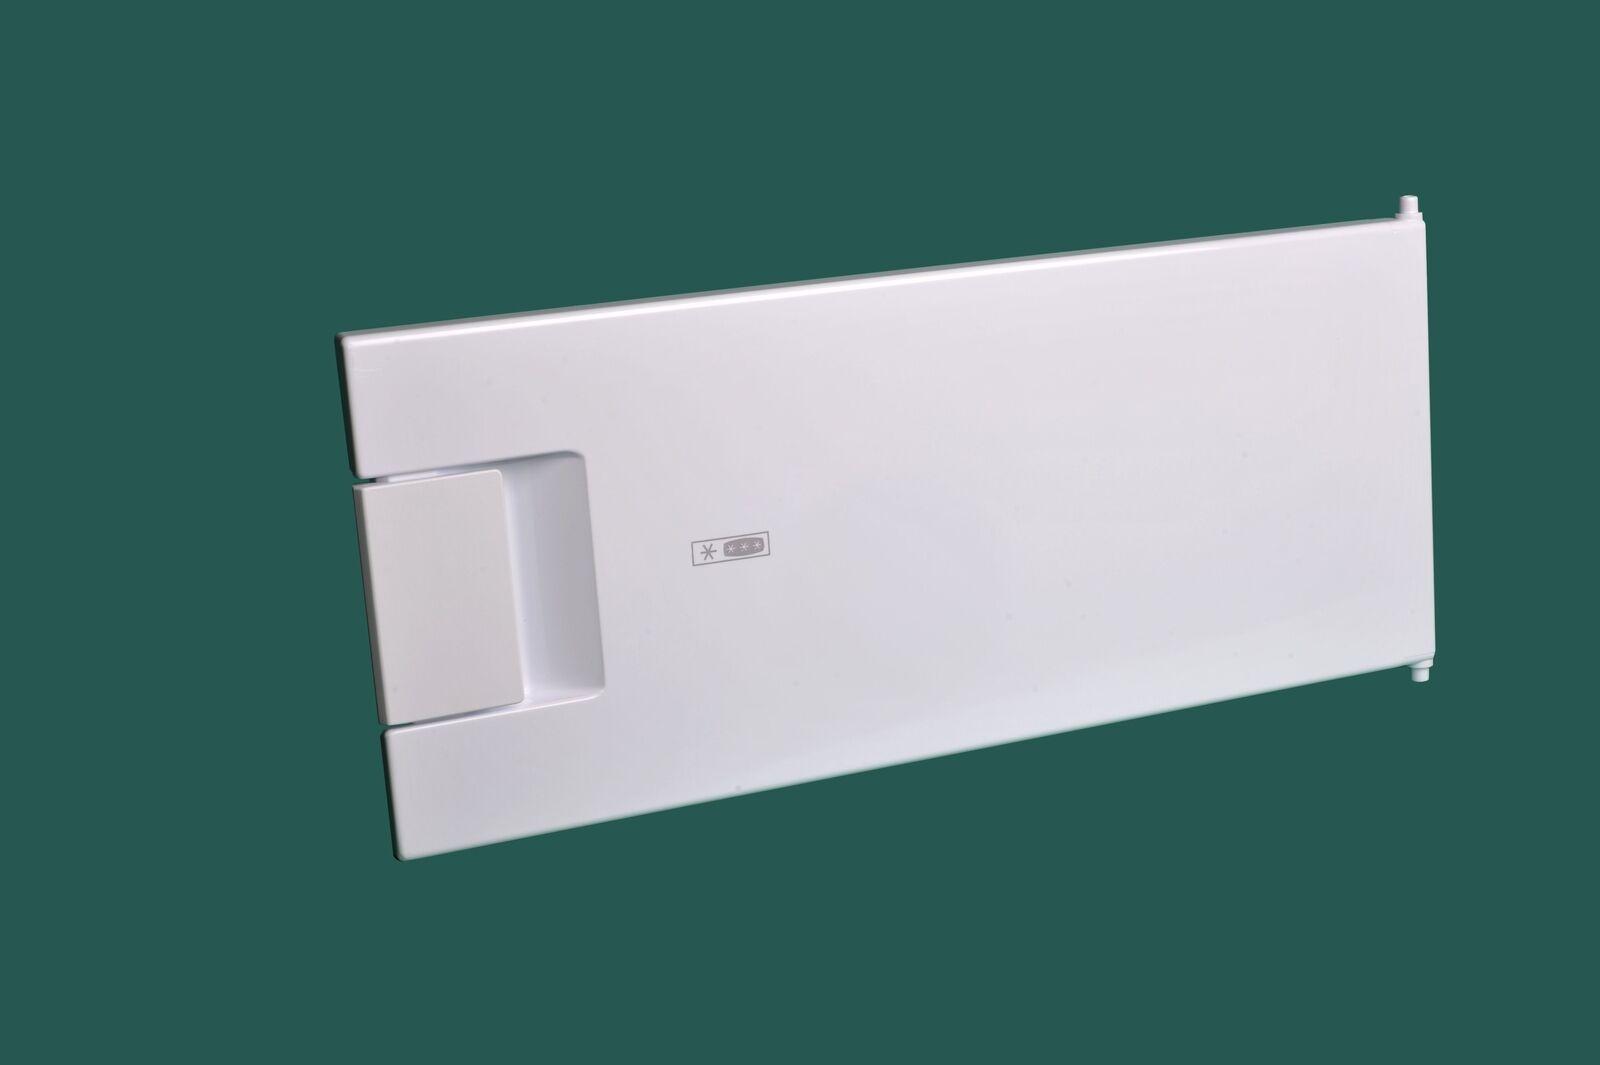 Kühlschrank Zubehör Leiste : Zierleiste hinten leiste glasplatte kühlschrank bauknecht whirlpool